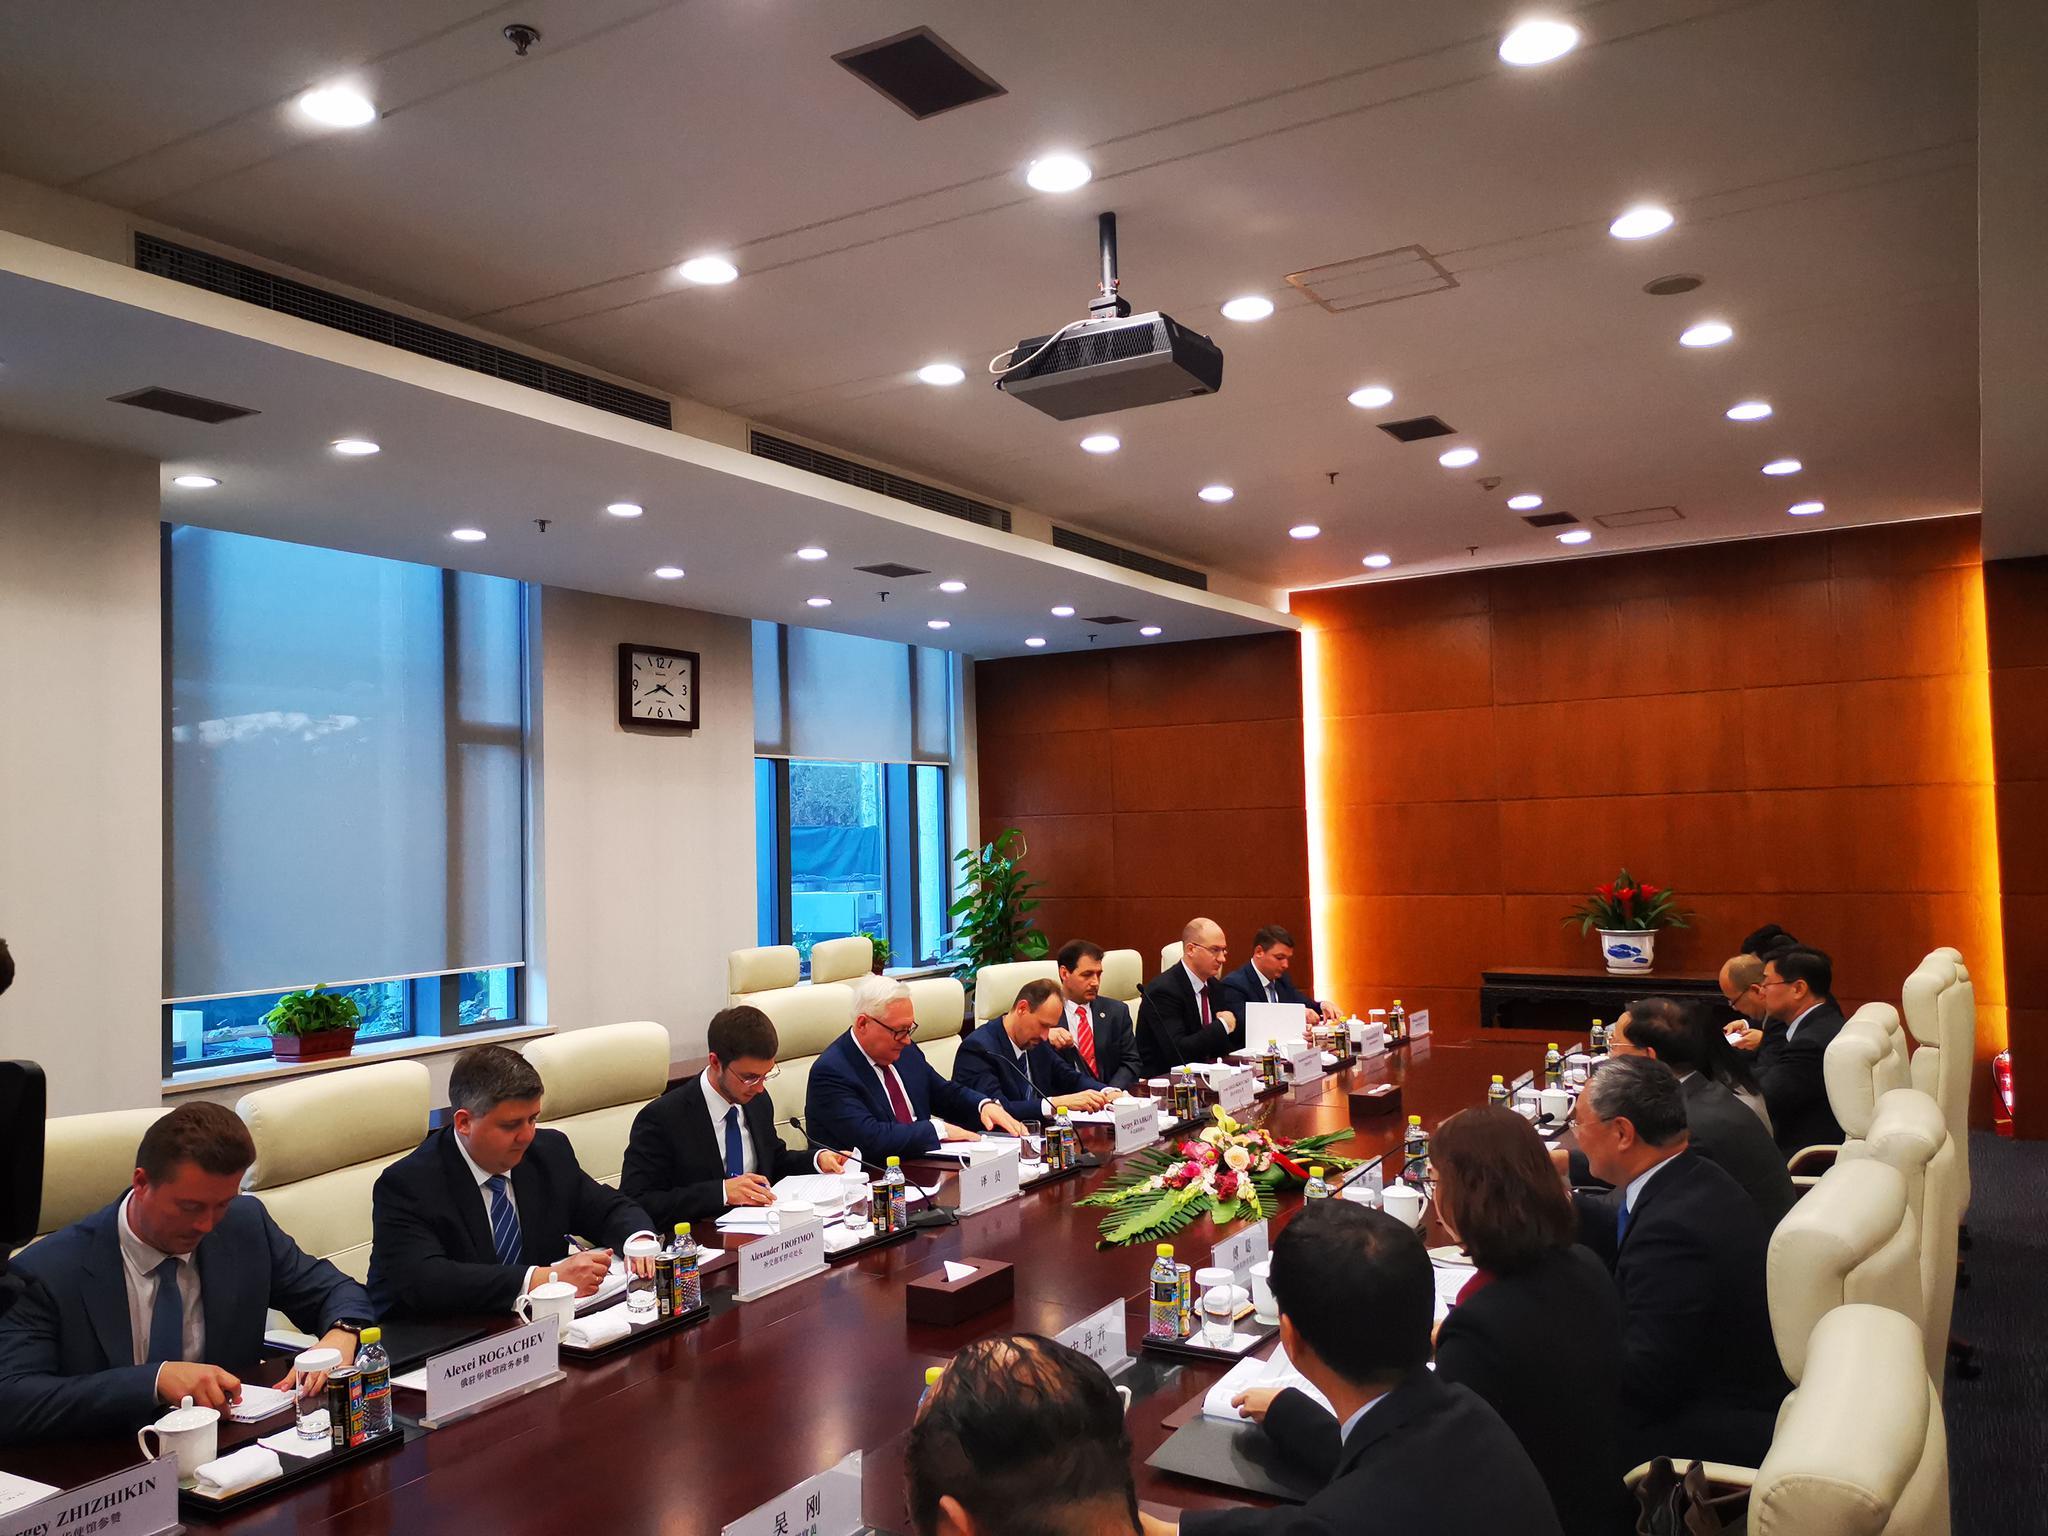 美提出要与中俄进行三边军控谈判 中俄副外长回应